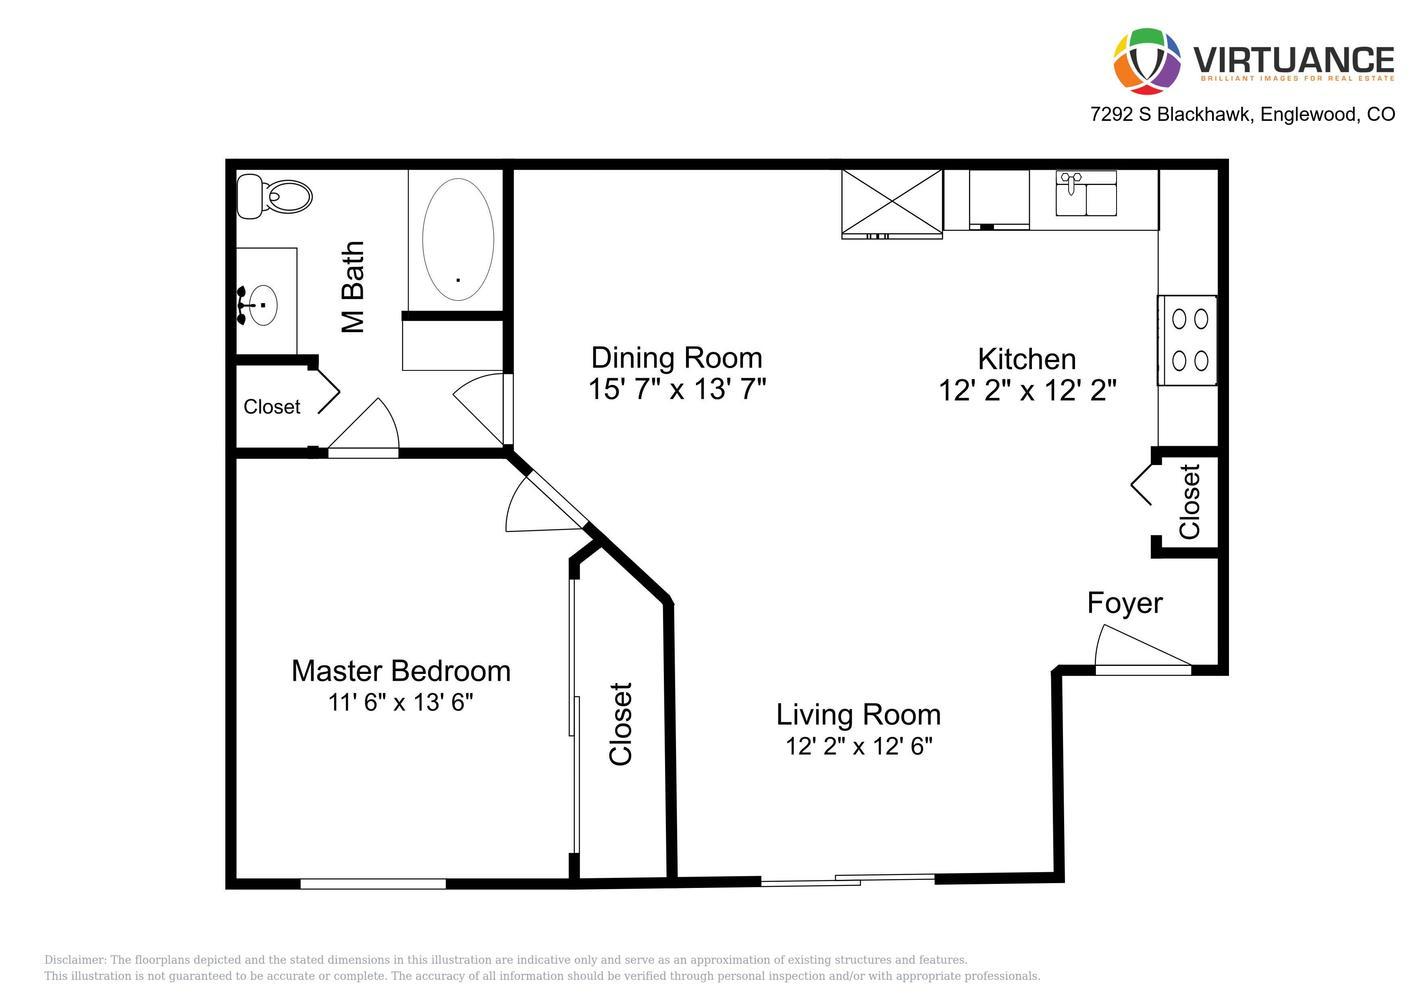 Floor Plan Of 7292 S Blackhawk St #204 Englewood